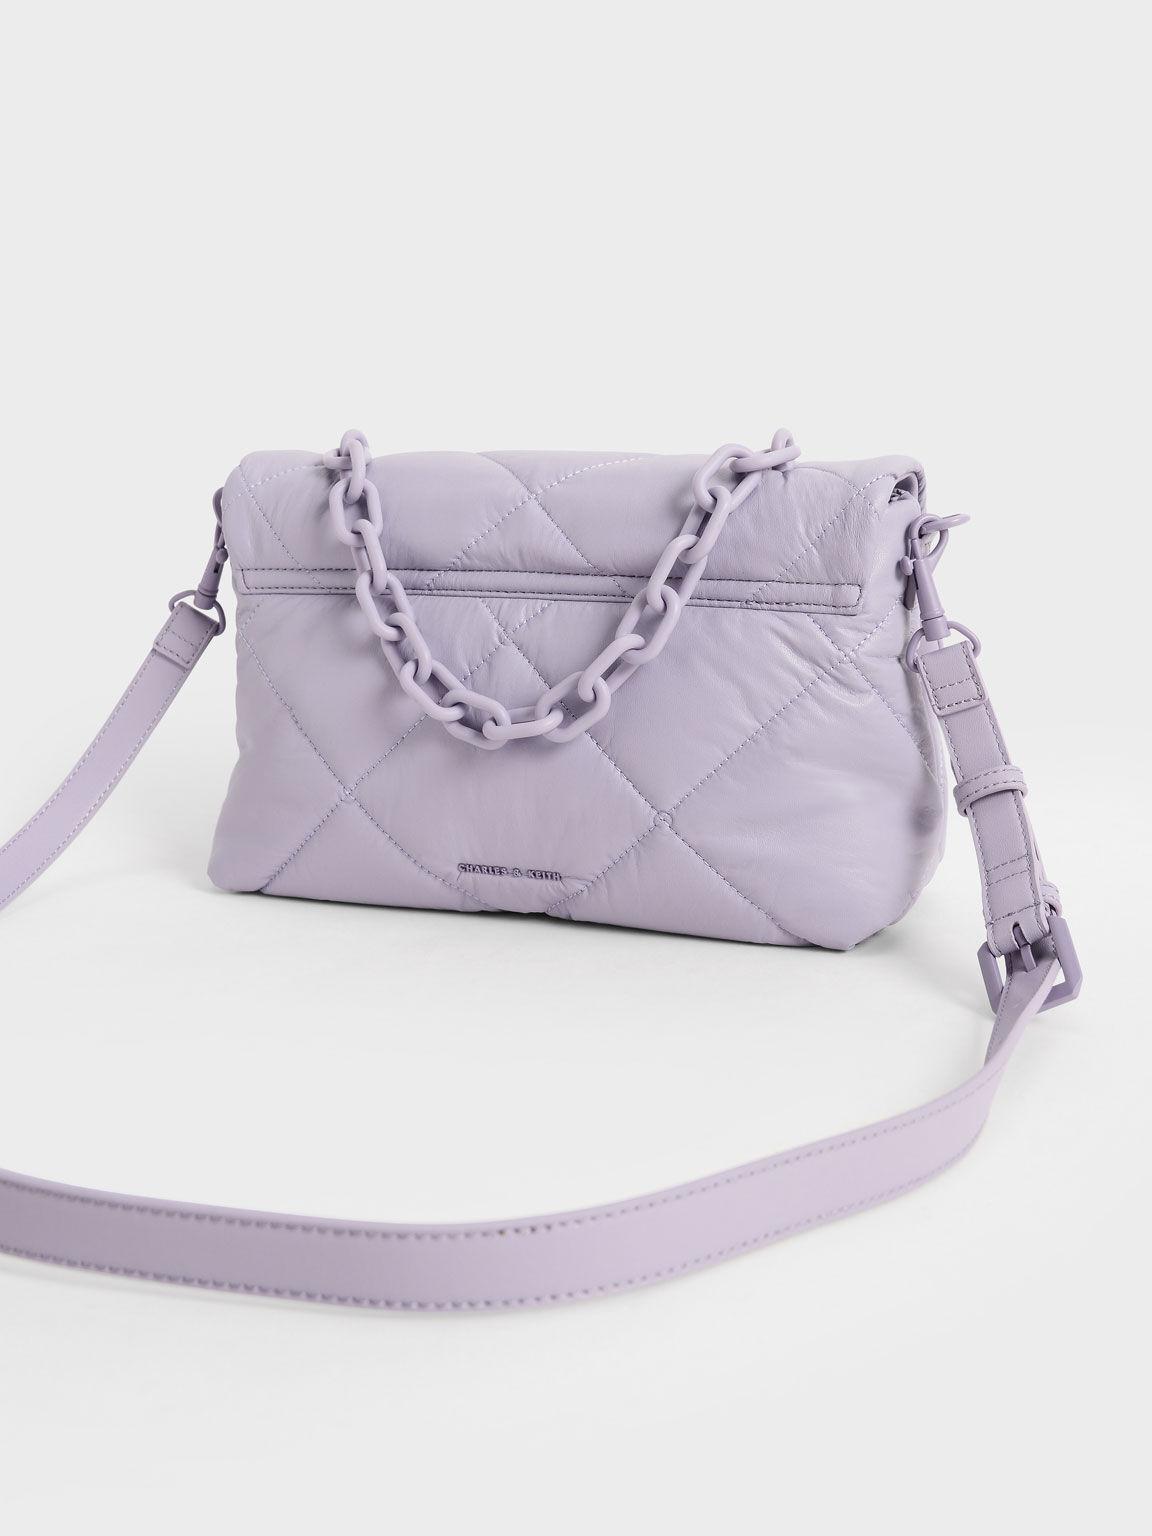 蓬軟菱格肩背包, 紫丁香色, hi-res